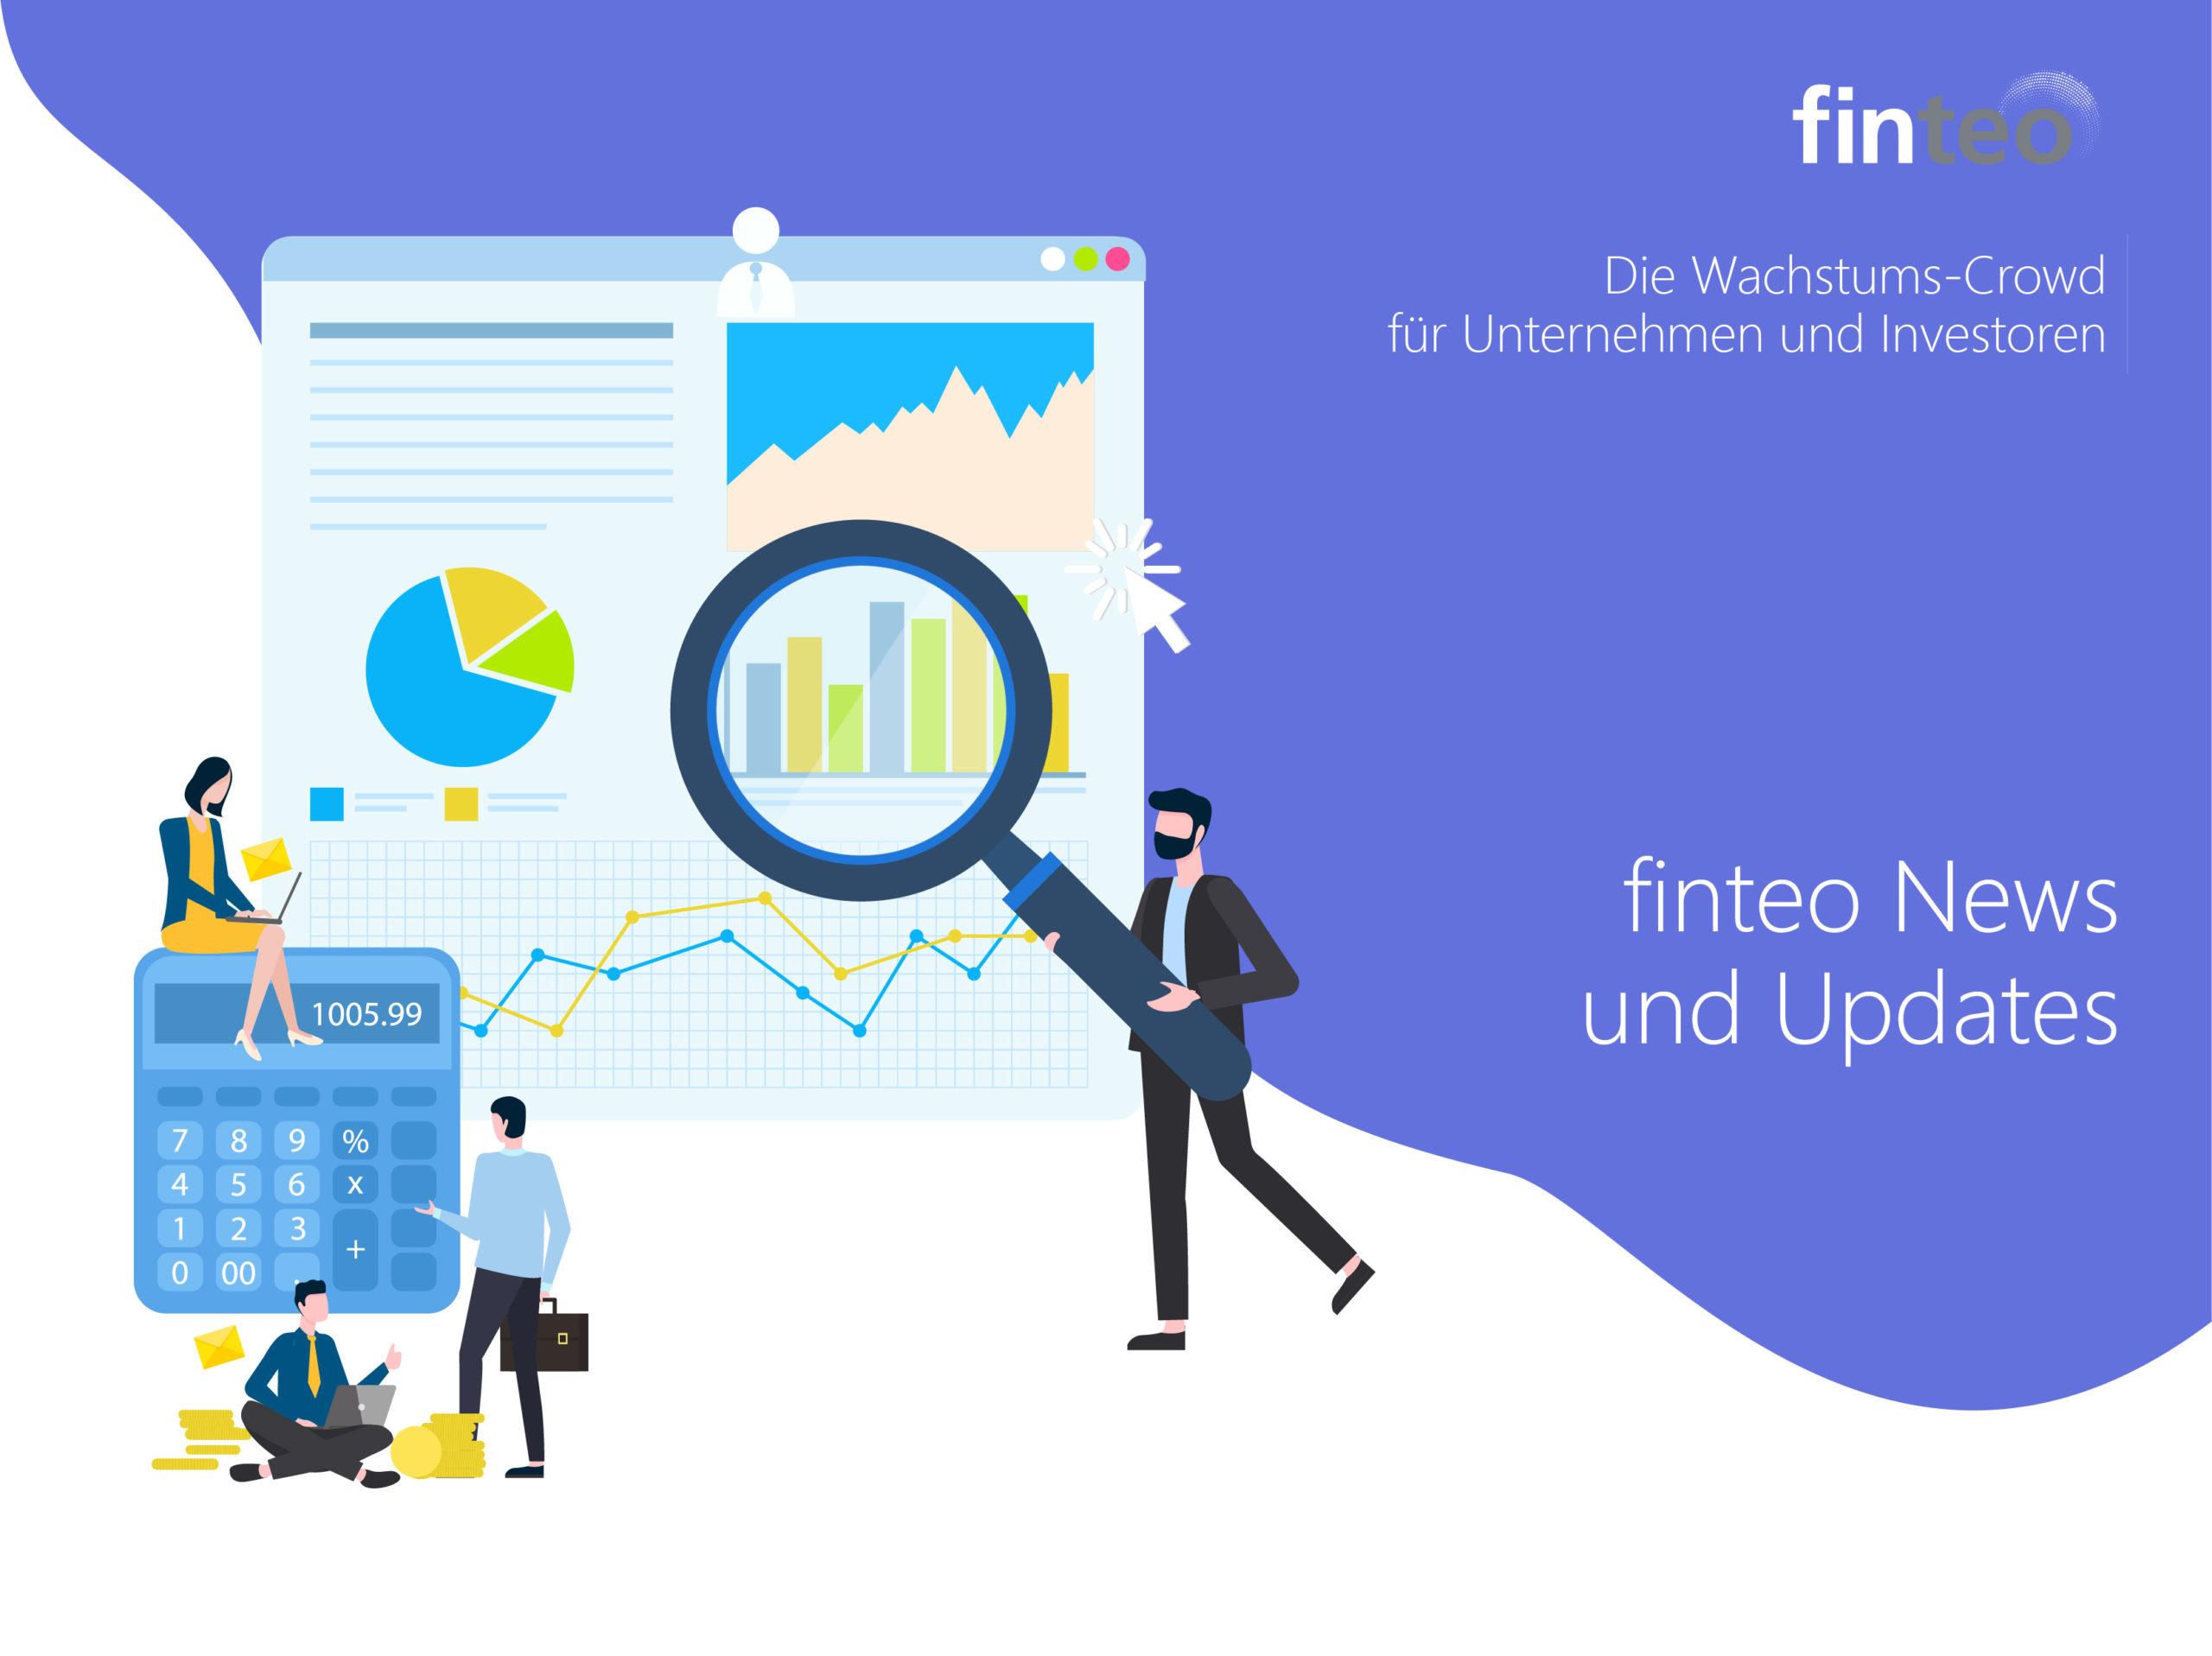 finteo News und Updates